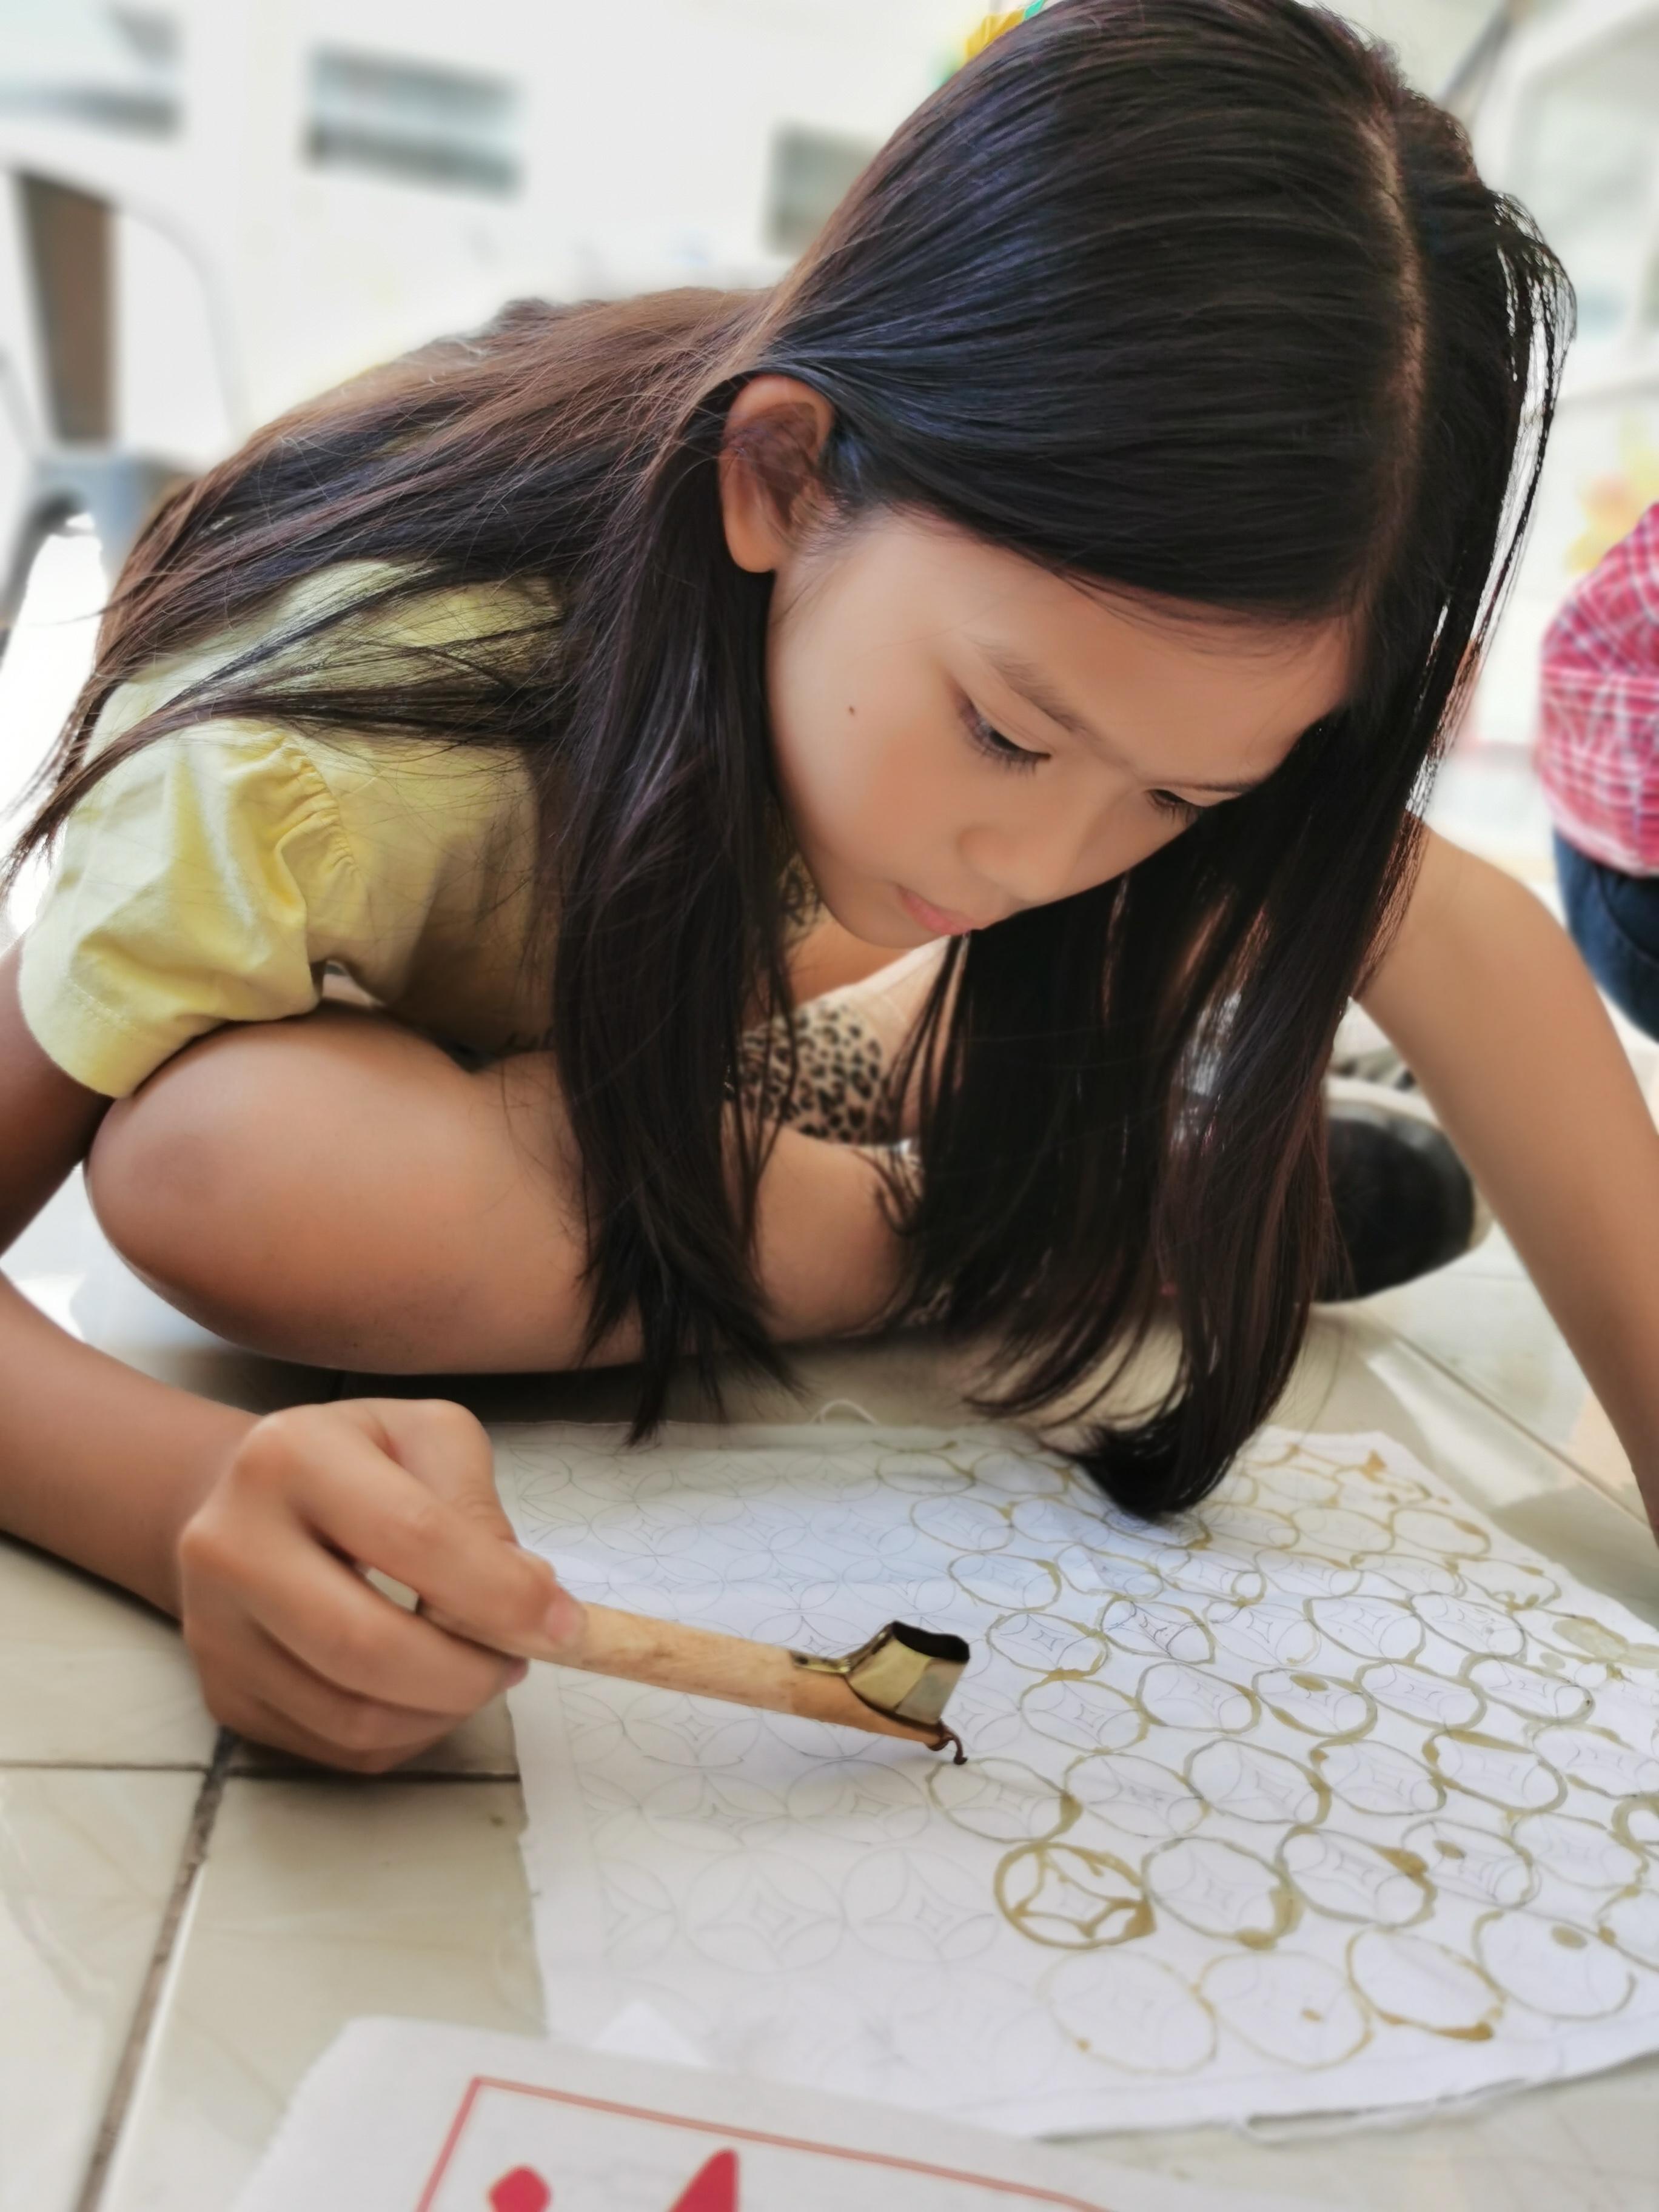 海外臺灣學校110學年度商借公立高級中等以下學校教師聯合公告簡章